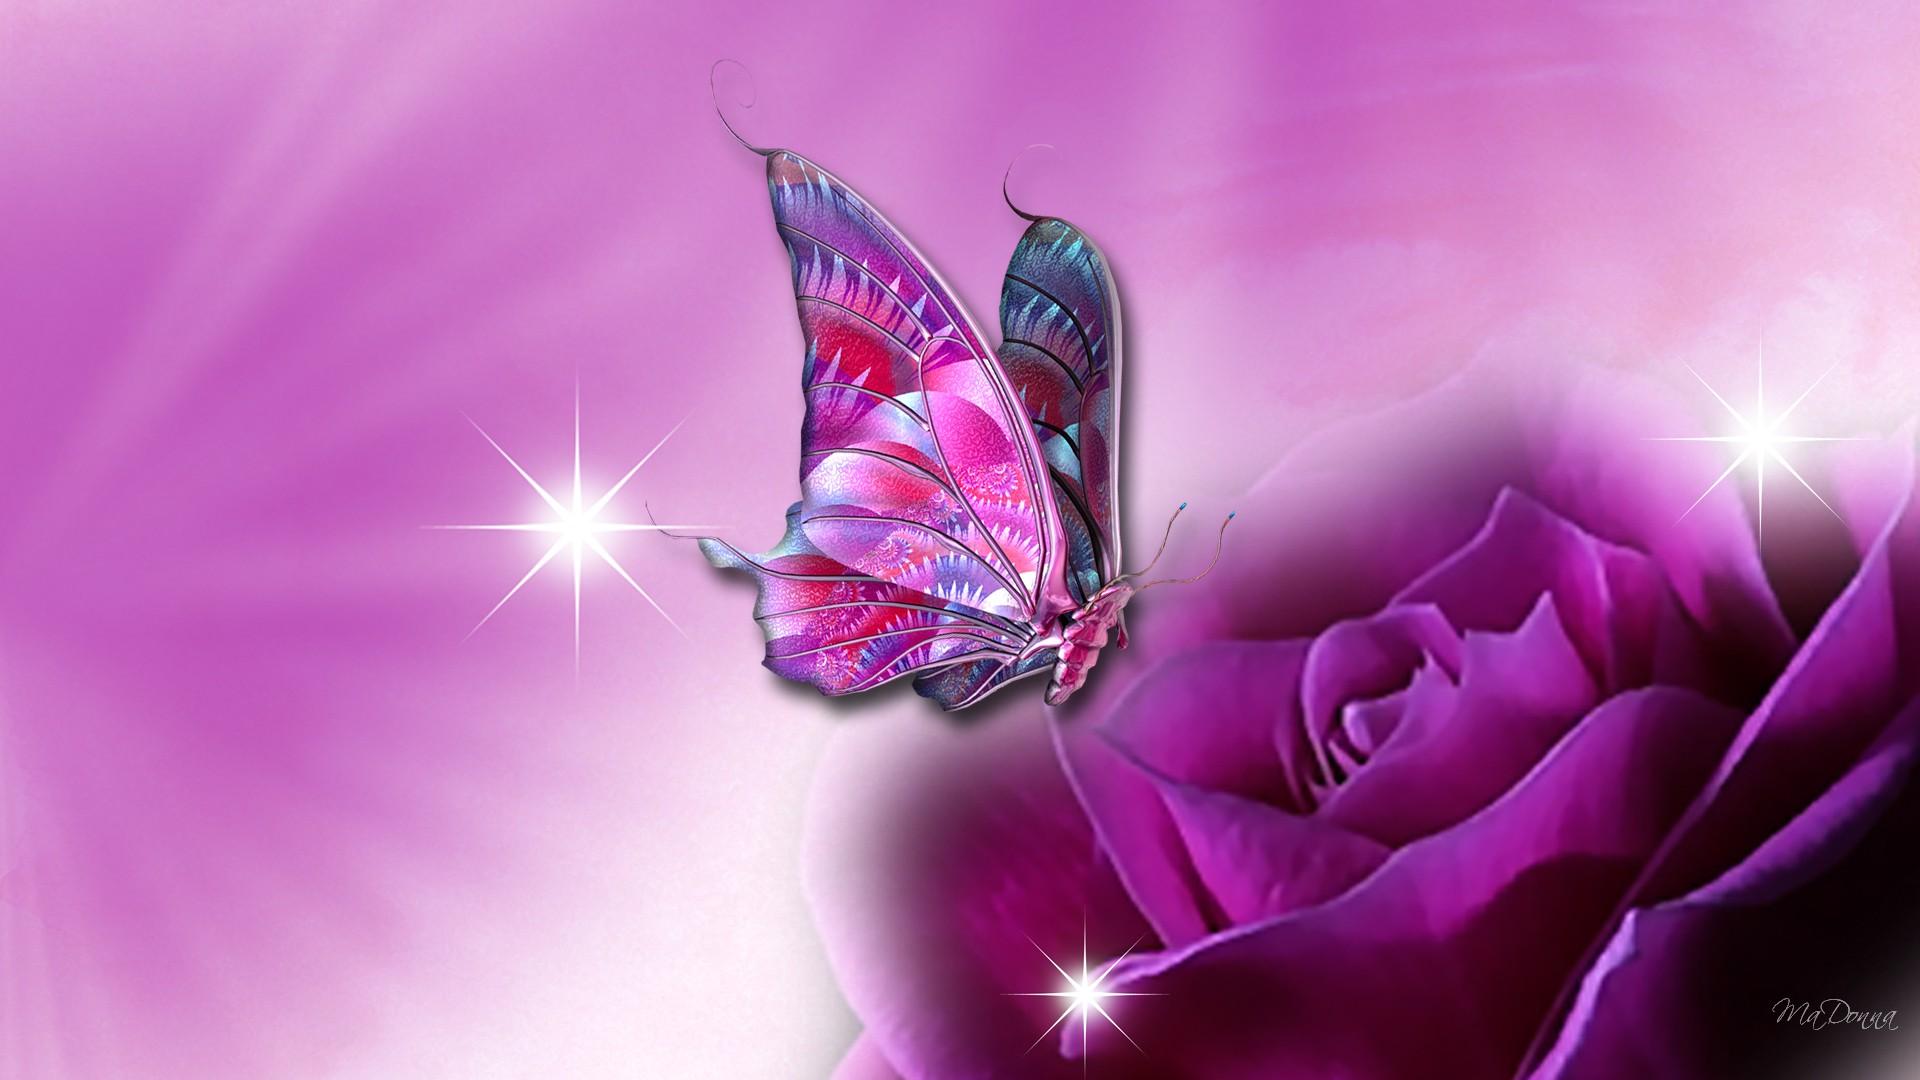 butterfly wallpaper purple